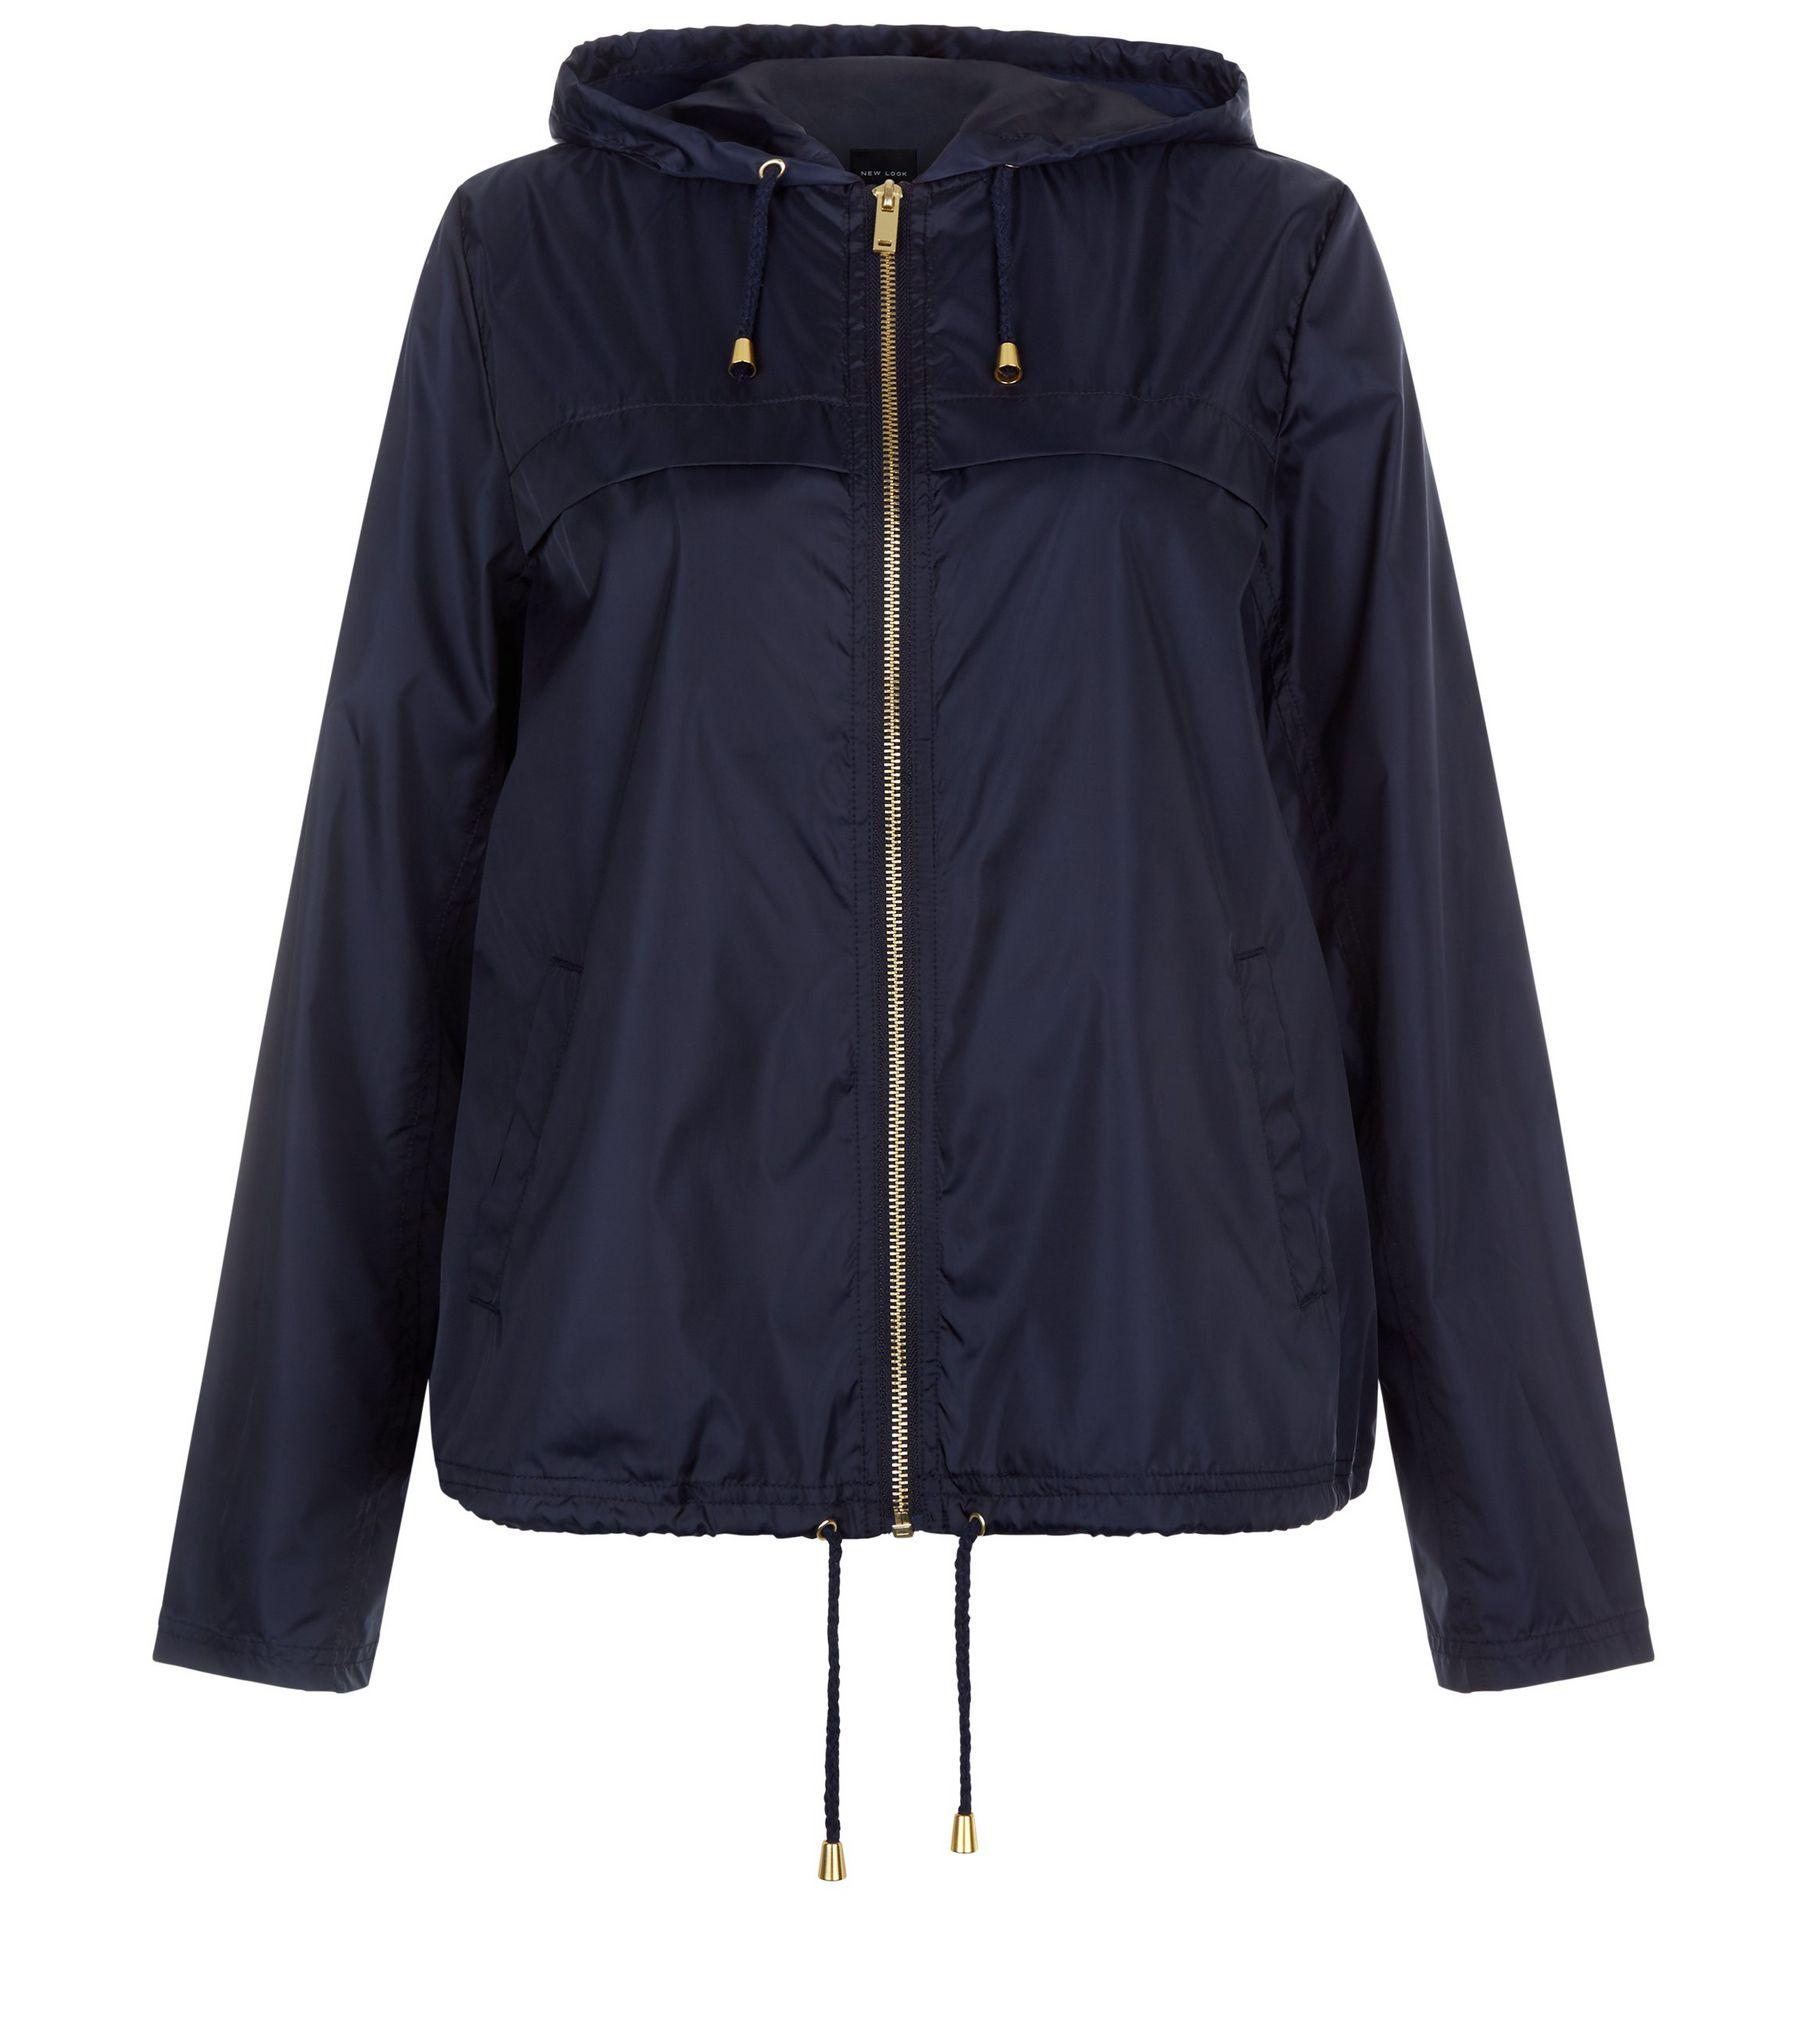 £19.99 at New Look